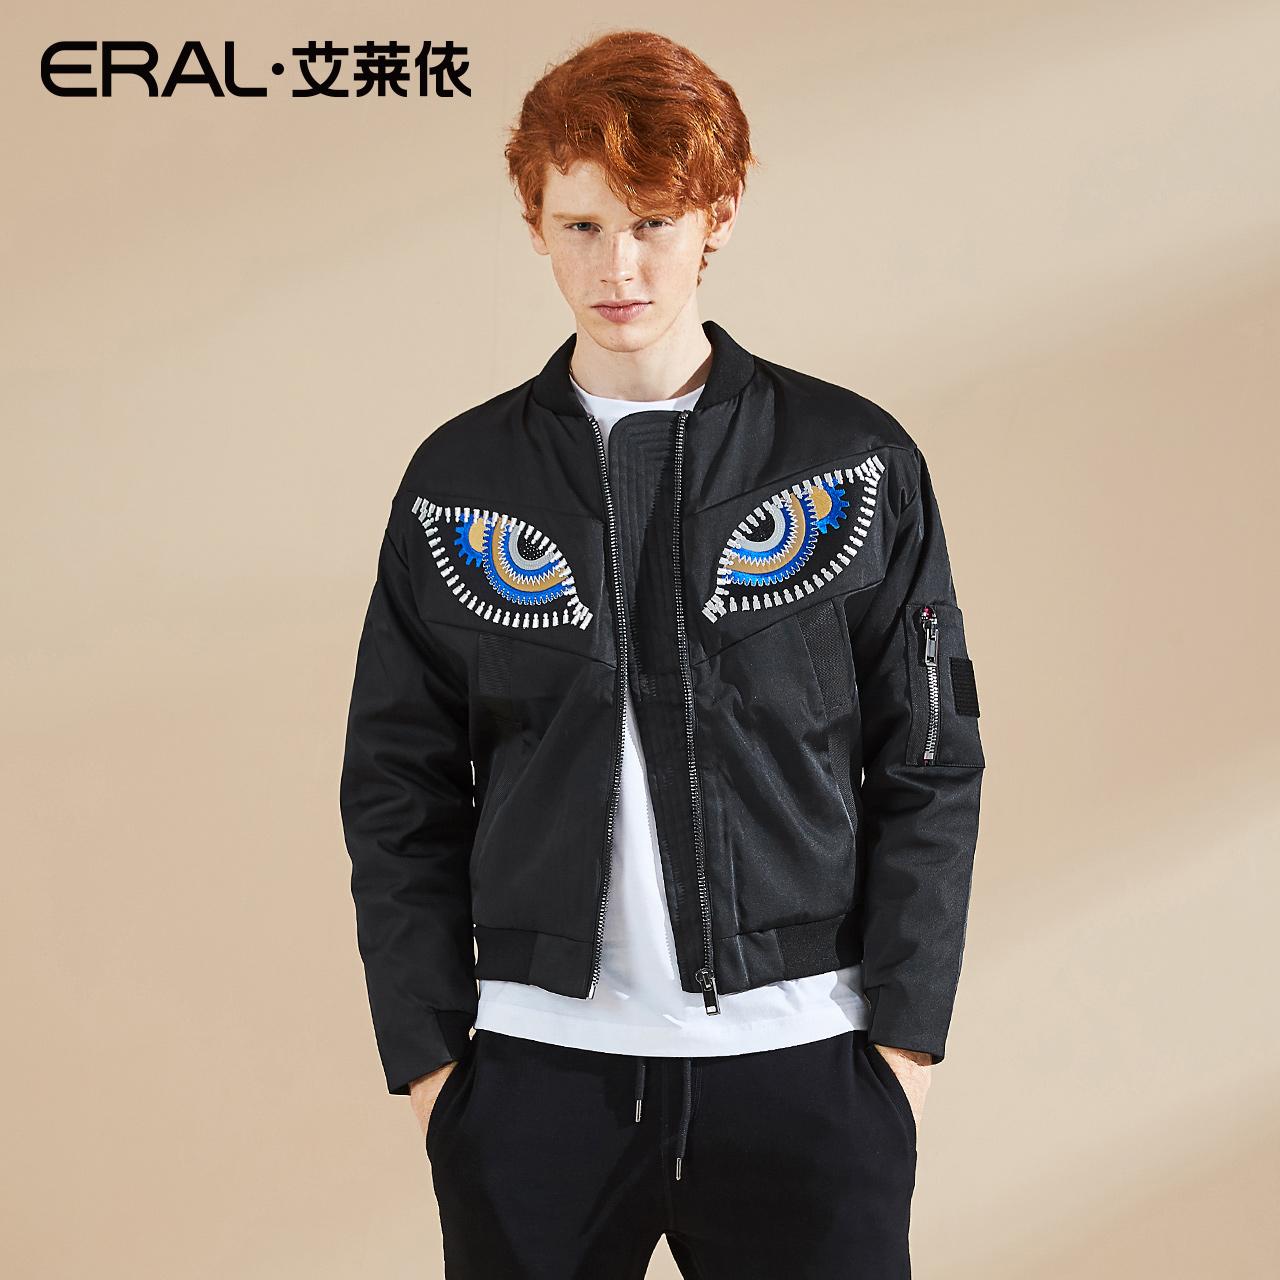 艾莱依张帅设计时光之眼夹克羽绒服男潮服EDAE19026